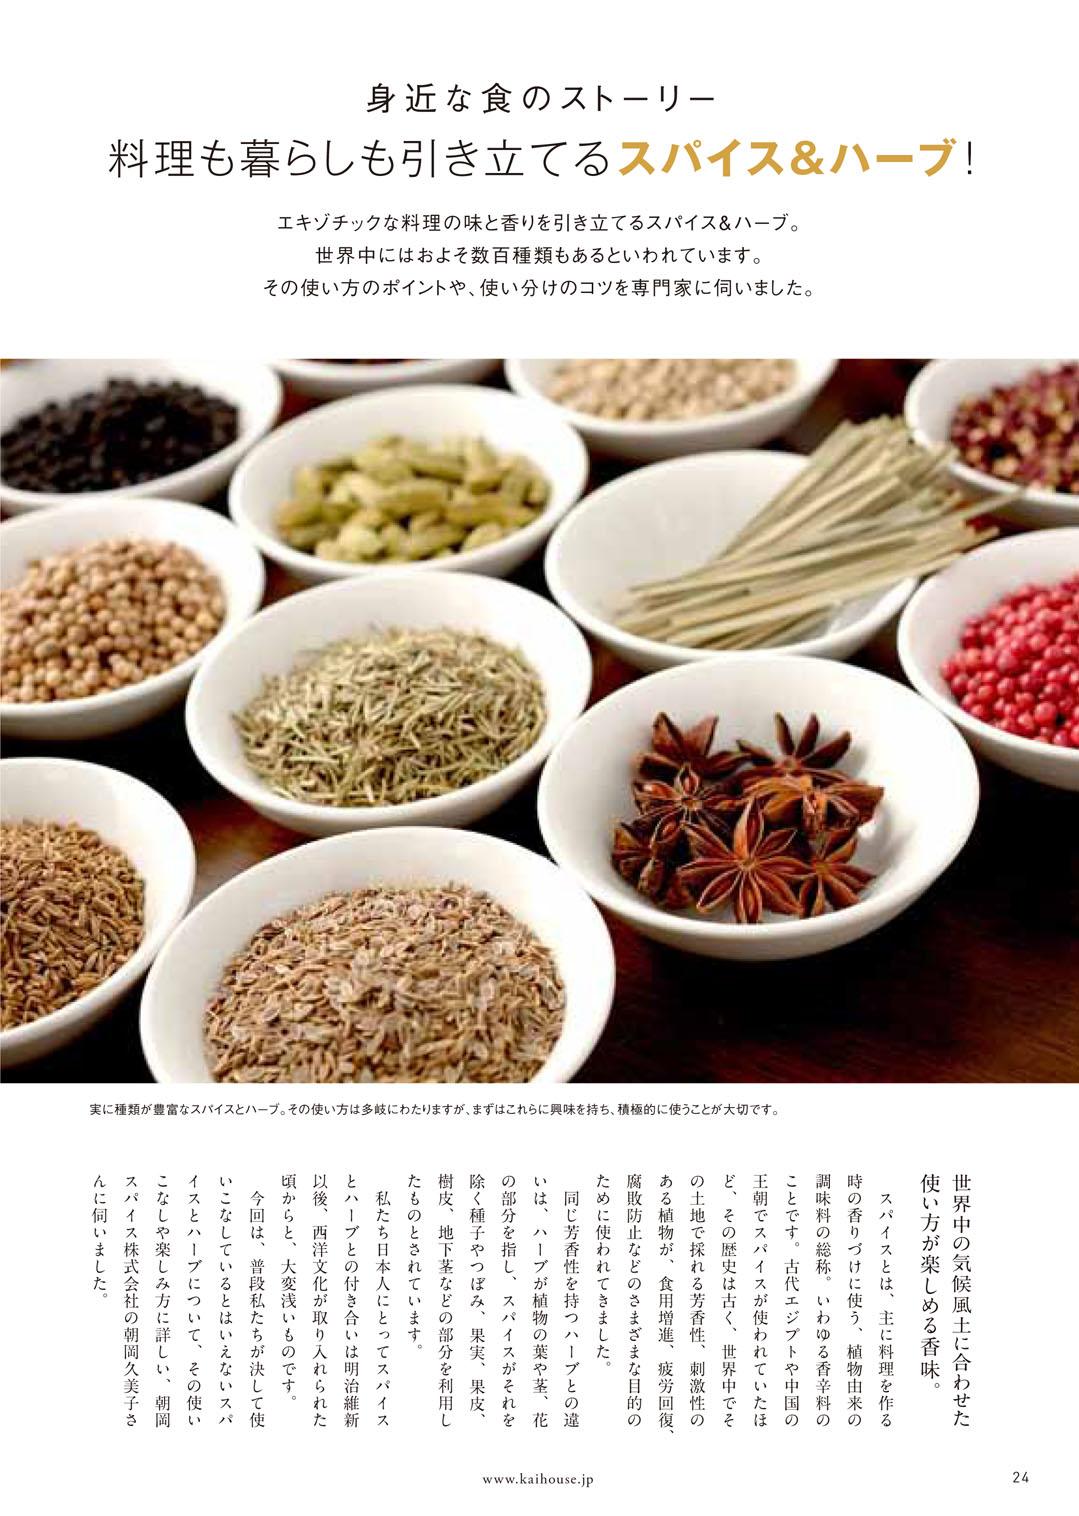 KaiHouse_25_24.jpg